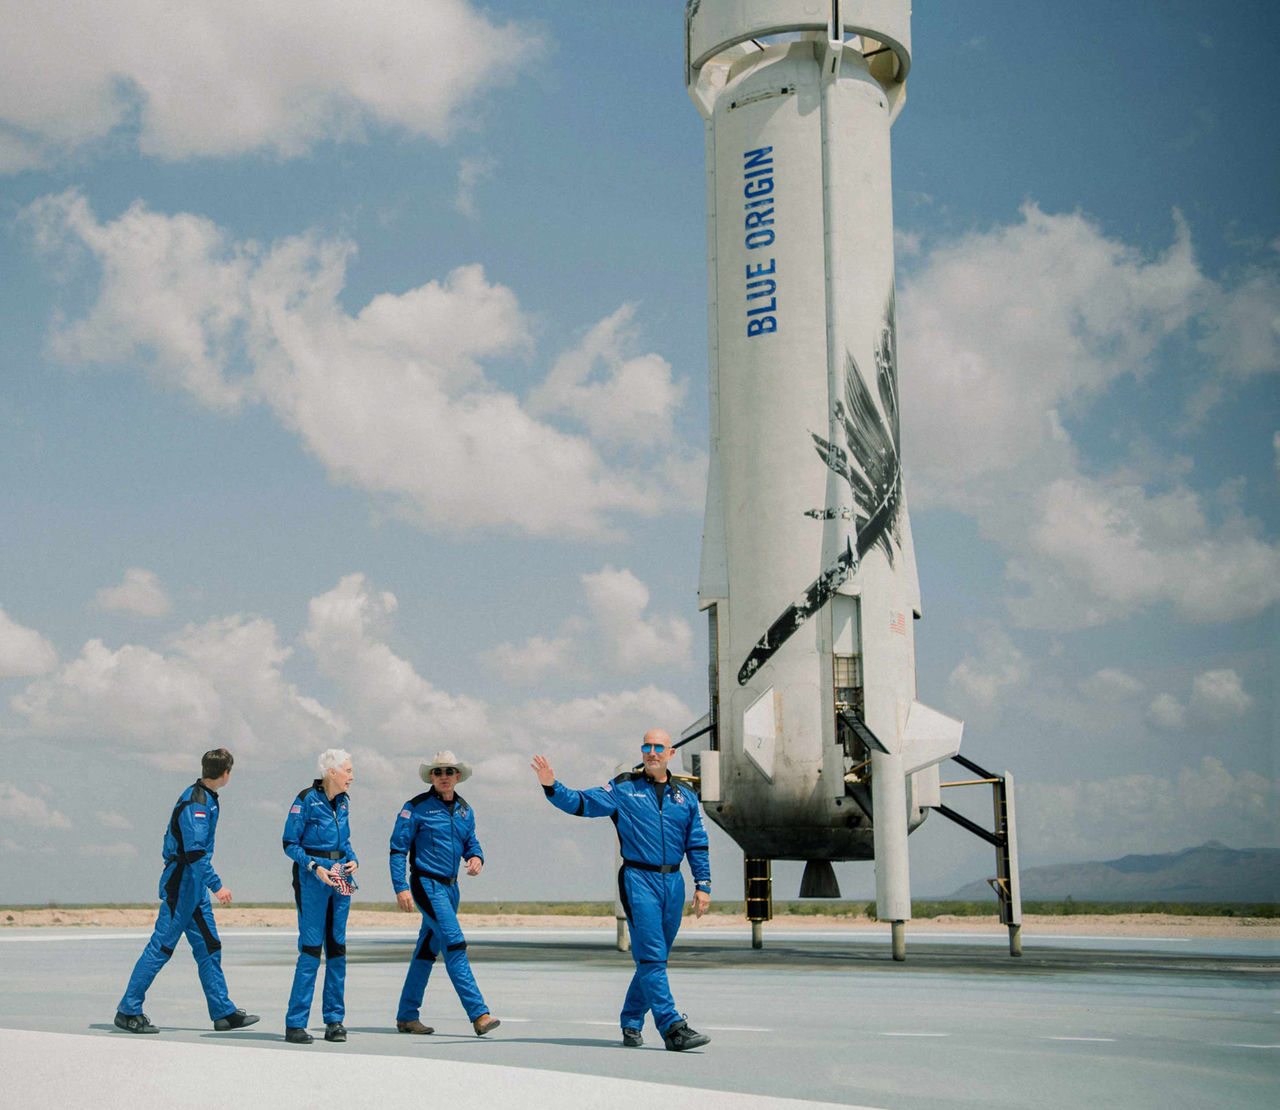 Rymdturister kan inte kalla sig för astronauter